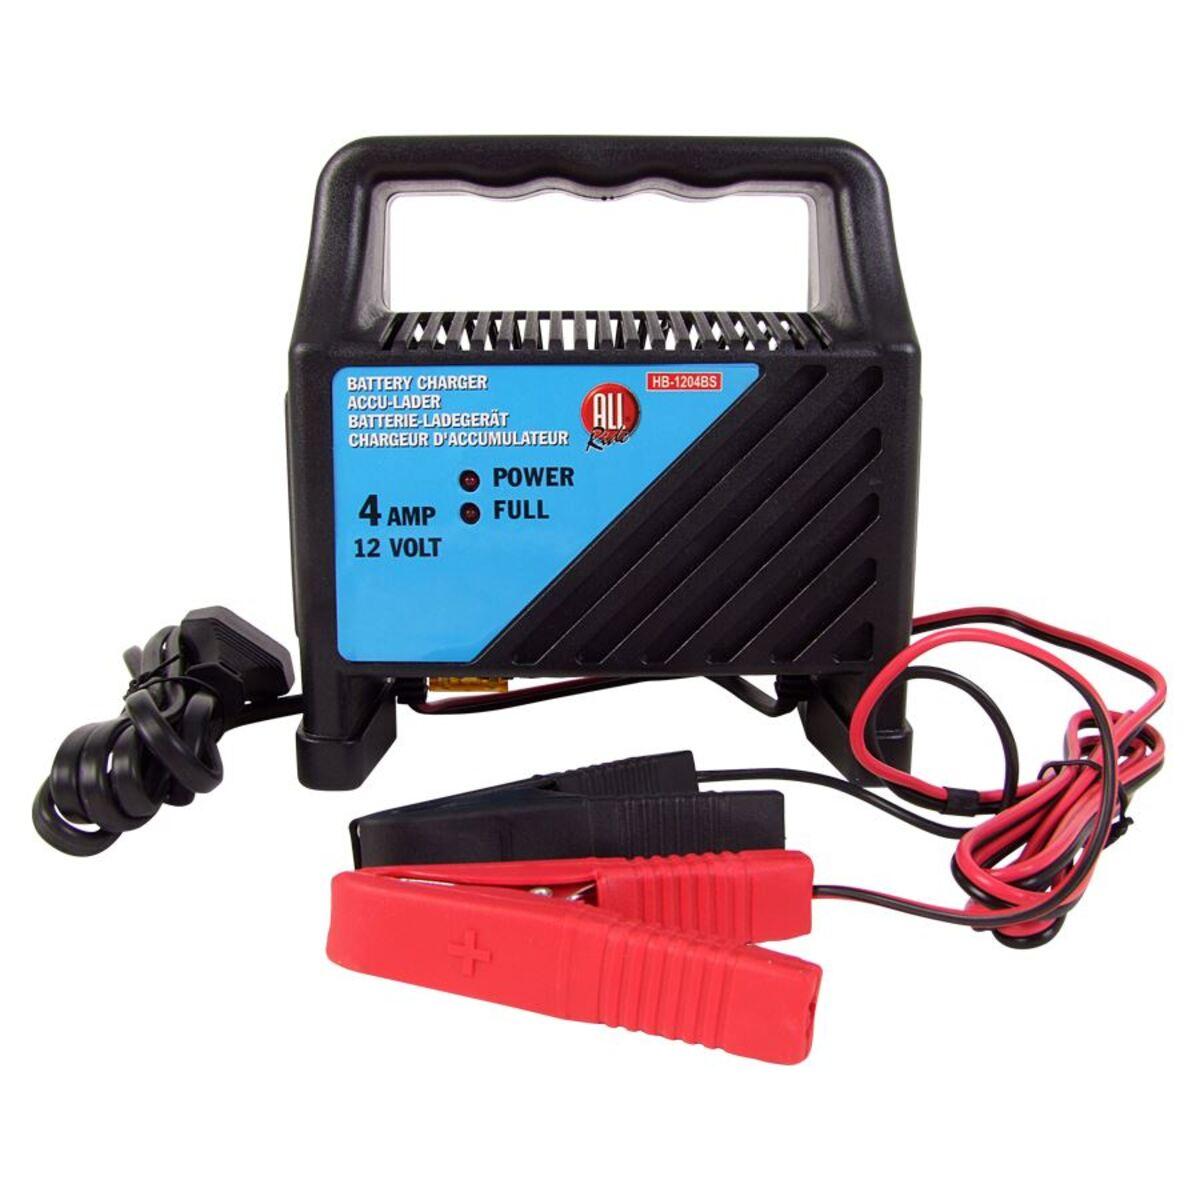 Bild 2 von Autobatterie-Ladegerät HB-1204BS